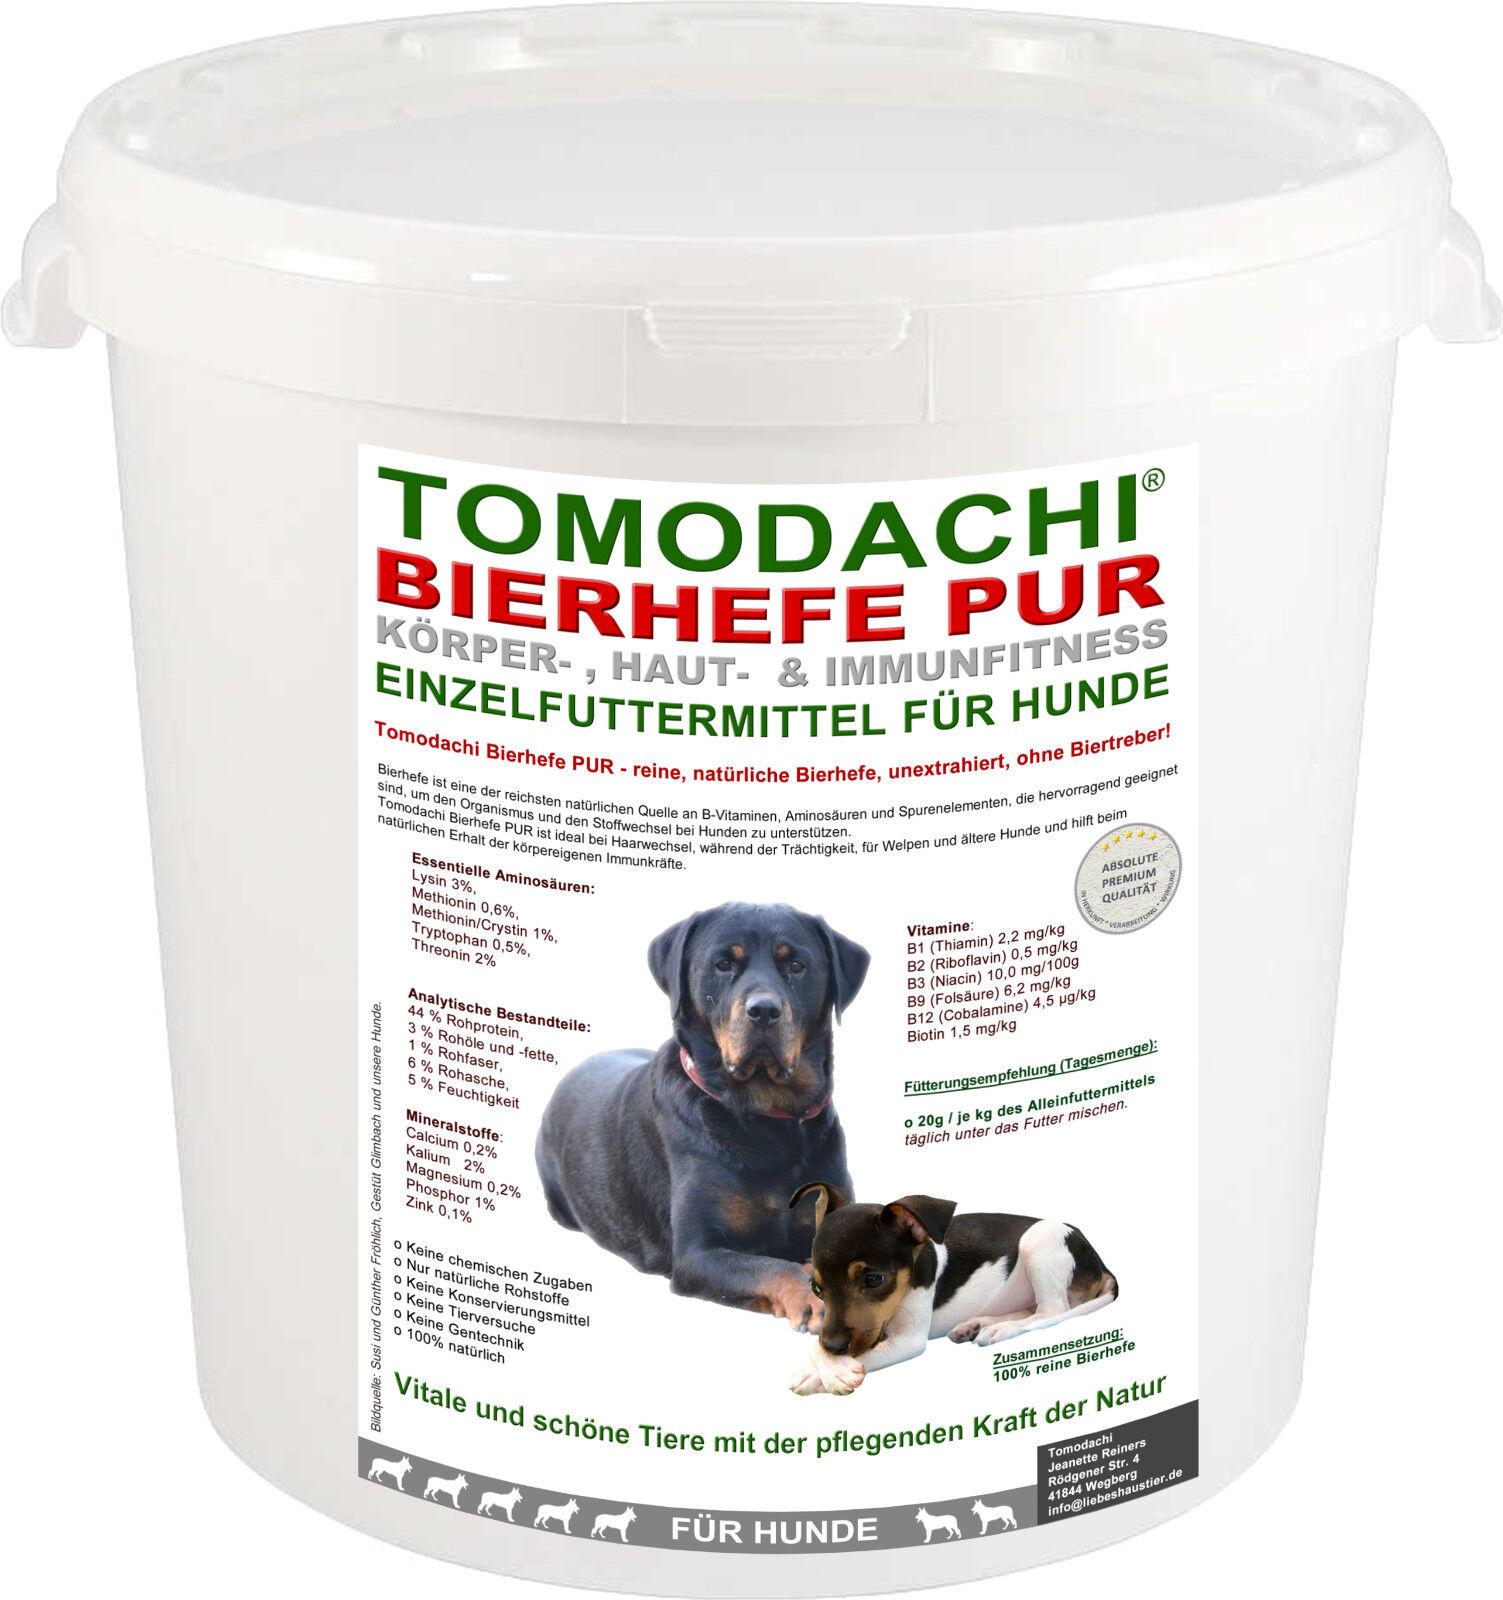 Reine Bierhefe Hund, BARFen, Aminosäuren+ Vitamine, Haut,Fell,Krallen, Zähne 3kg